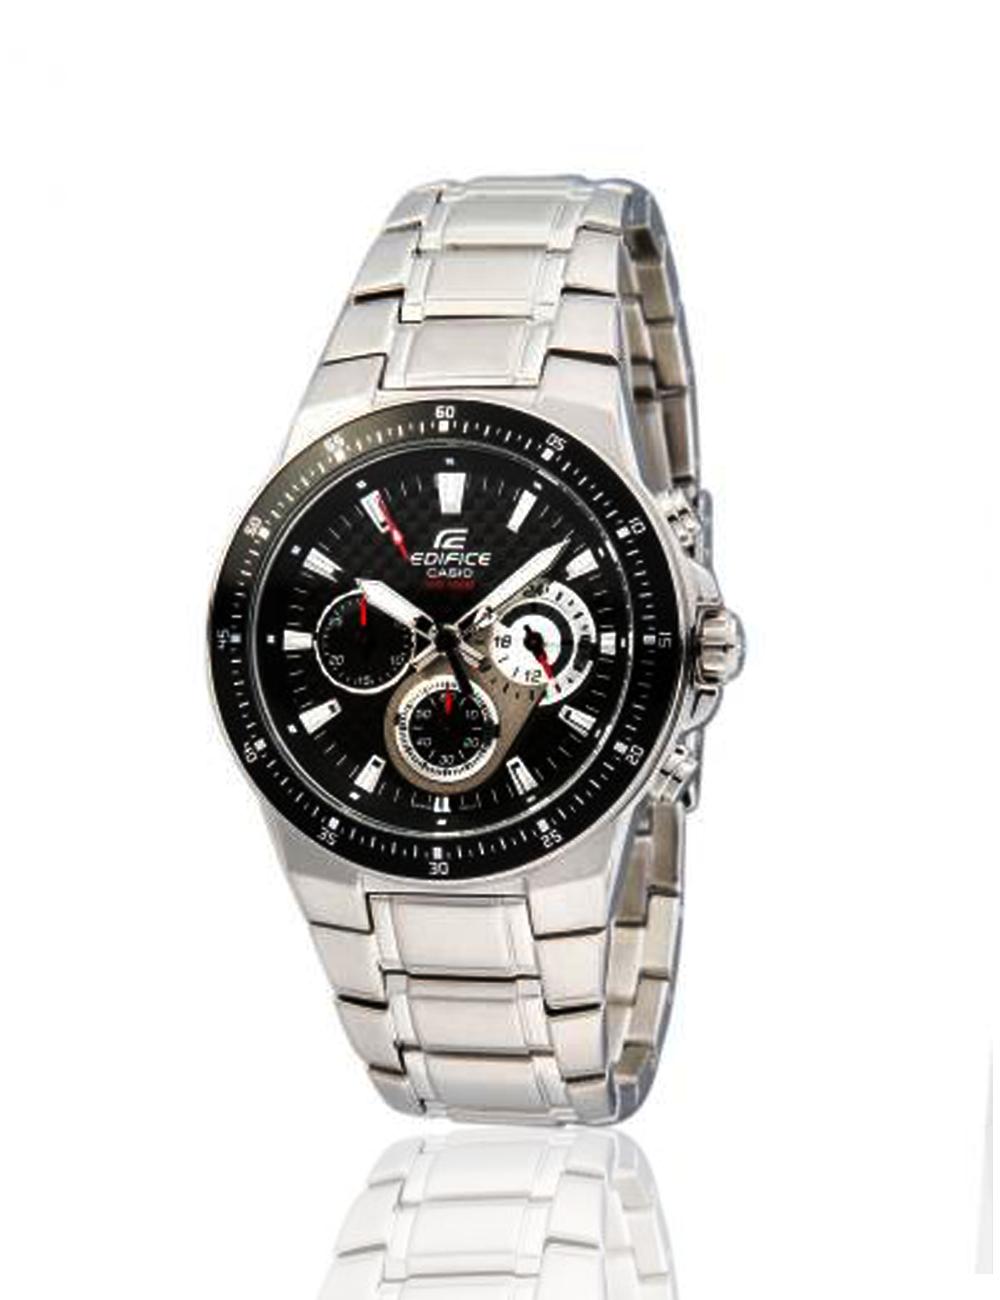 ffa6f16e6ea5 Casio Edifice Stainless Steel Men s Watch EF-552-1AV • Mineral Glass • Screw